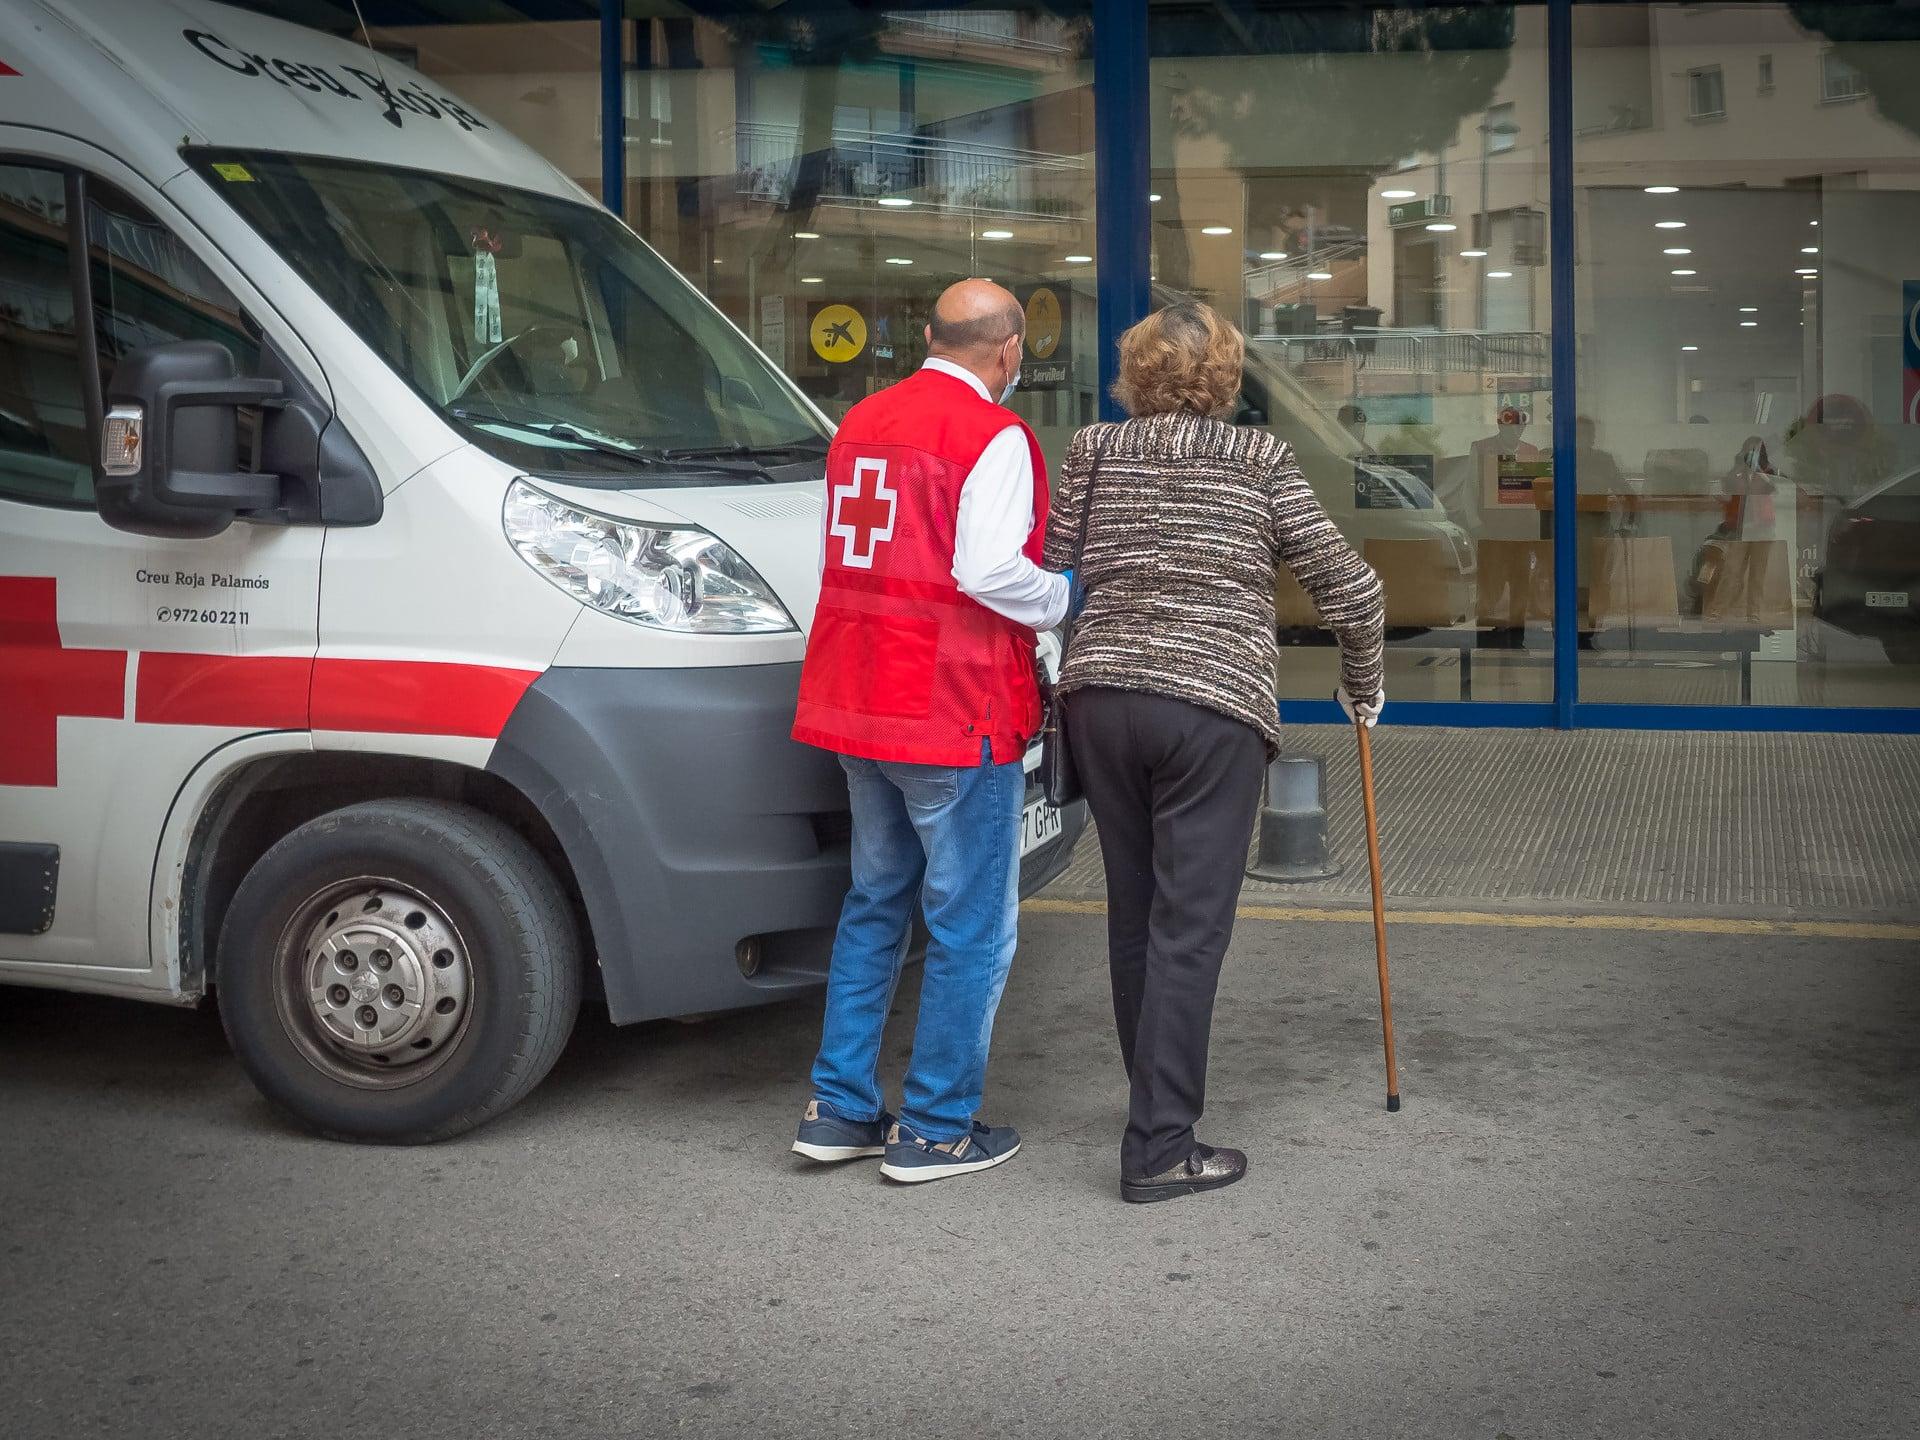 Cruz Roja refuerza su intervención ante el impacto social, económico y laboral del coronavirus 2